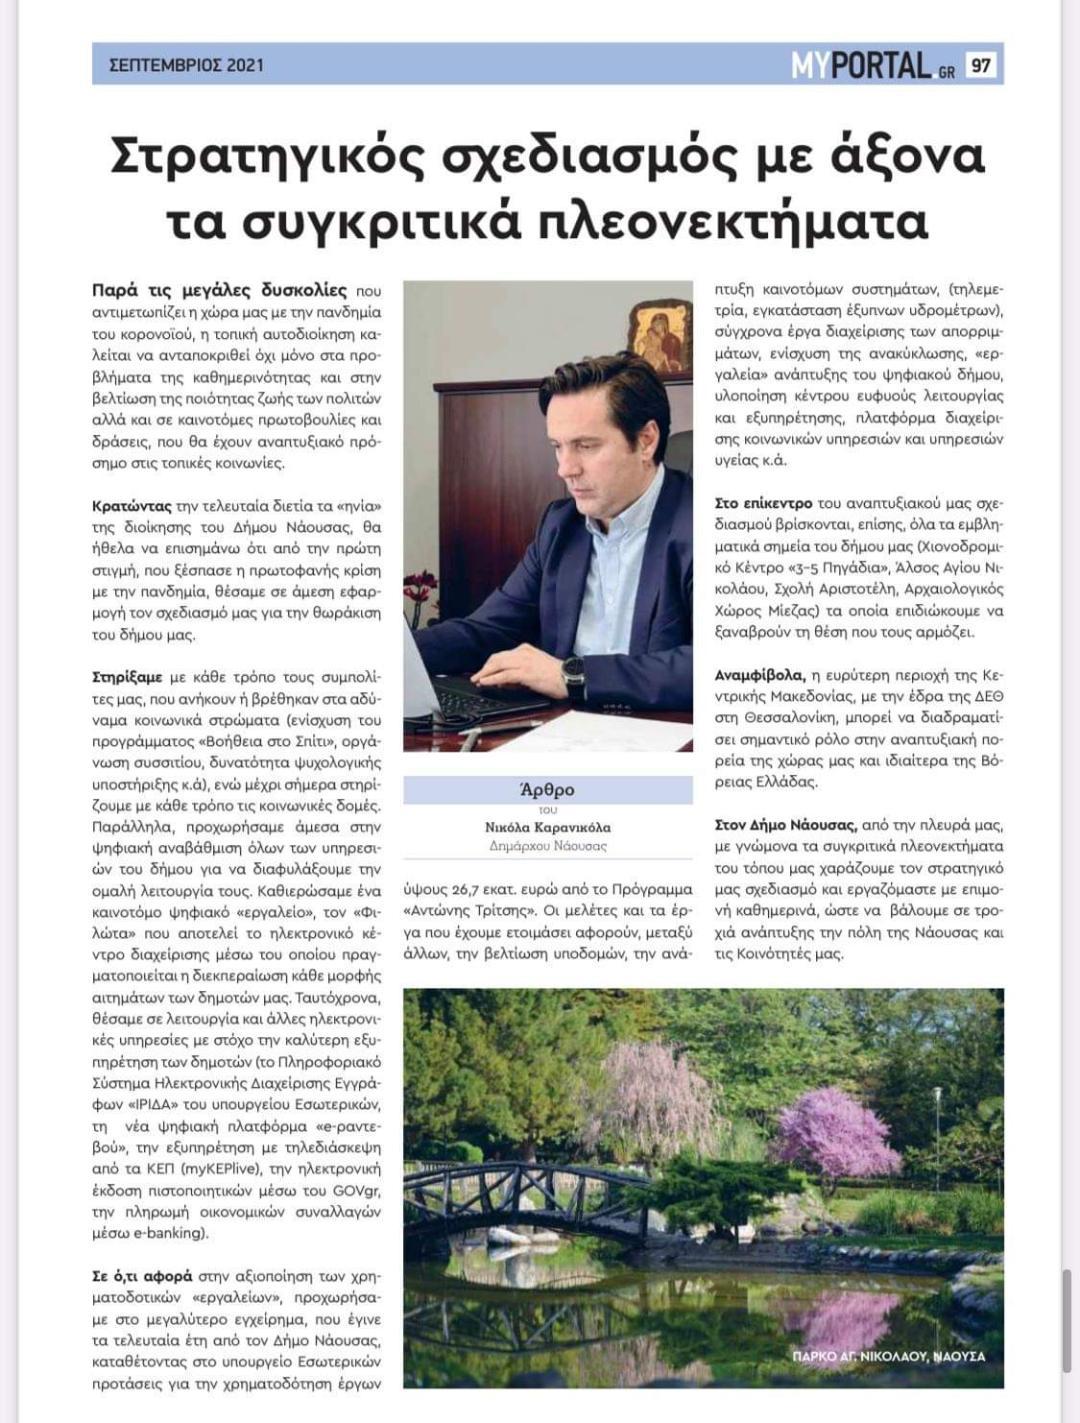 Άρθρο Δημάρχου Νάουσας Νικόλα Καρανικόλα στην έντυπη ειδική έκδοση του ιστότοπου MyPortal.gr για την 85η ΔΕΘ